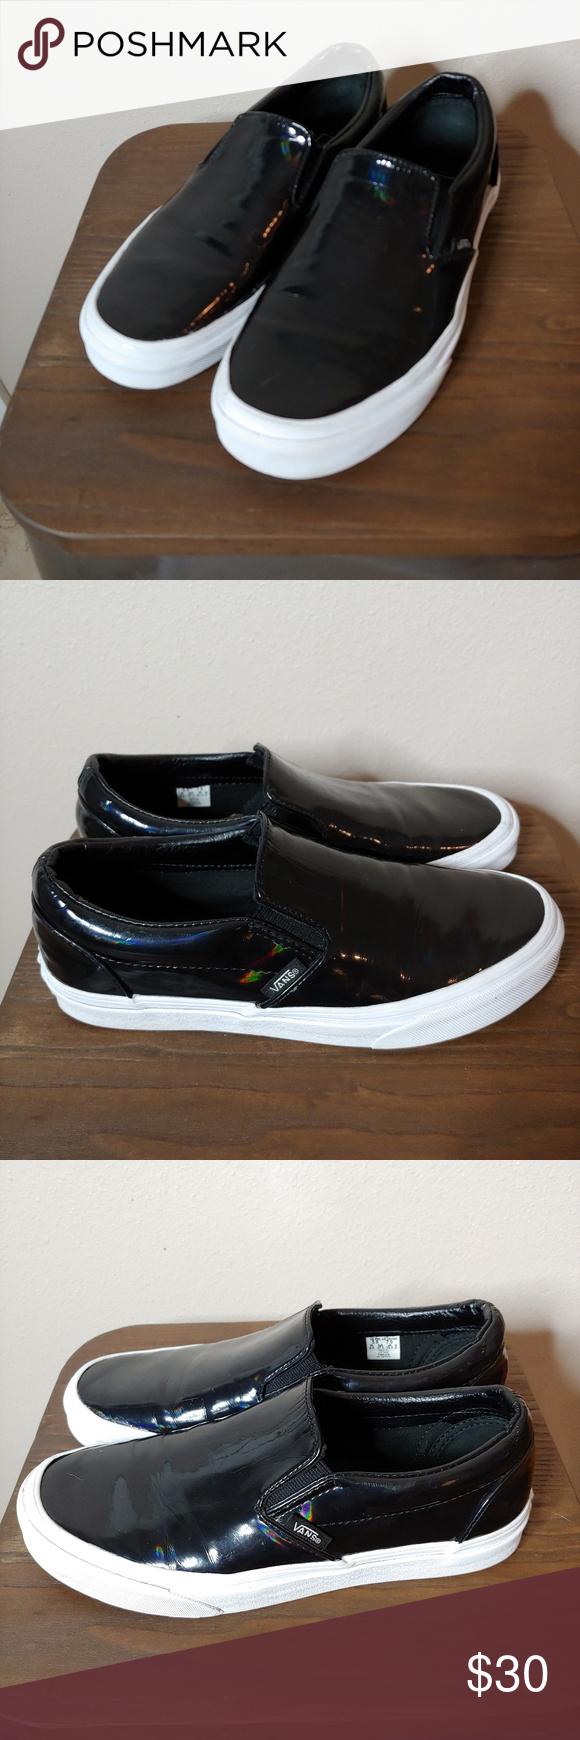 Vans Slip On Sneakers Patent Black